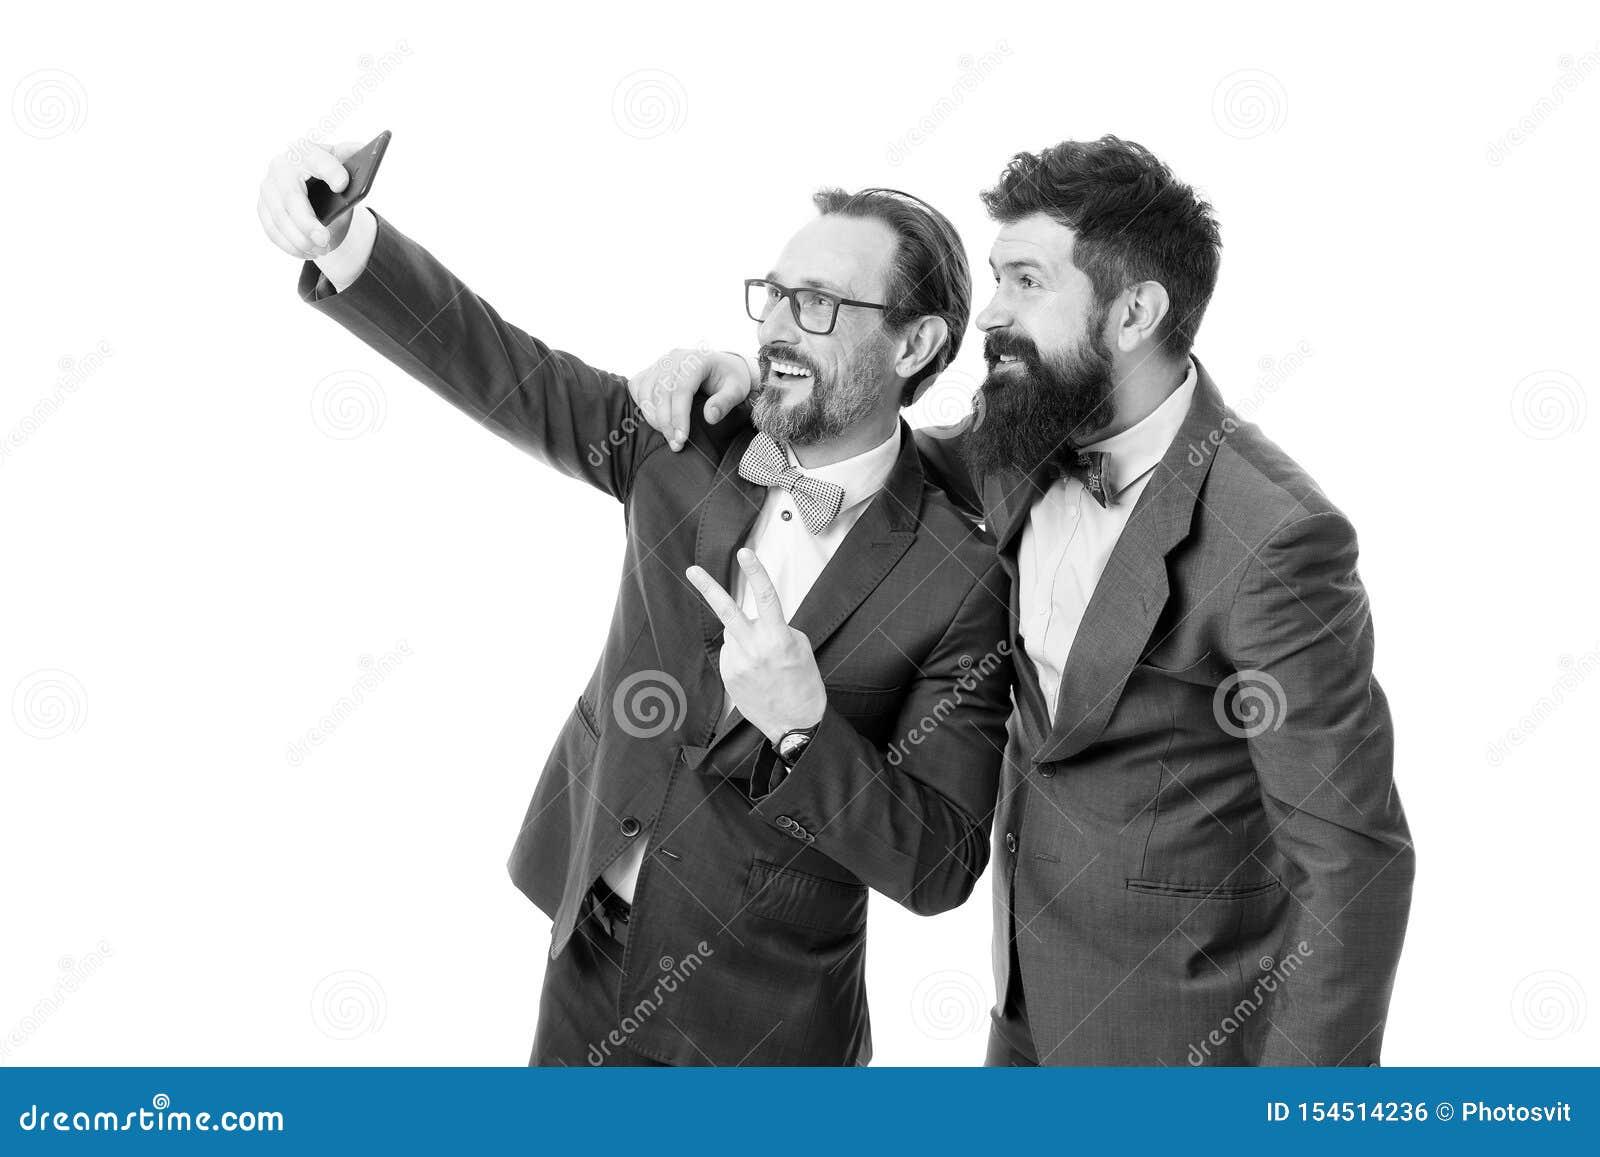 Machen des Fotos mit Gesch?ftsidol Selfie von erfolgreichen Freunden Unternehmer, die zusammen selfie nehmen JPG + vektorabbildun